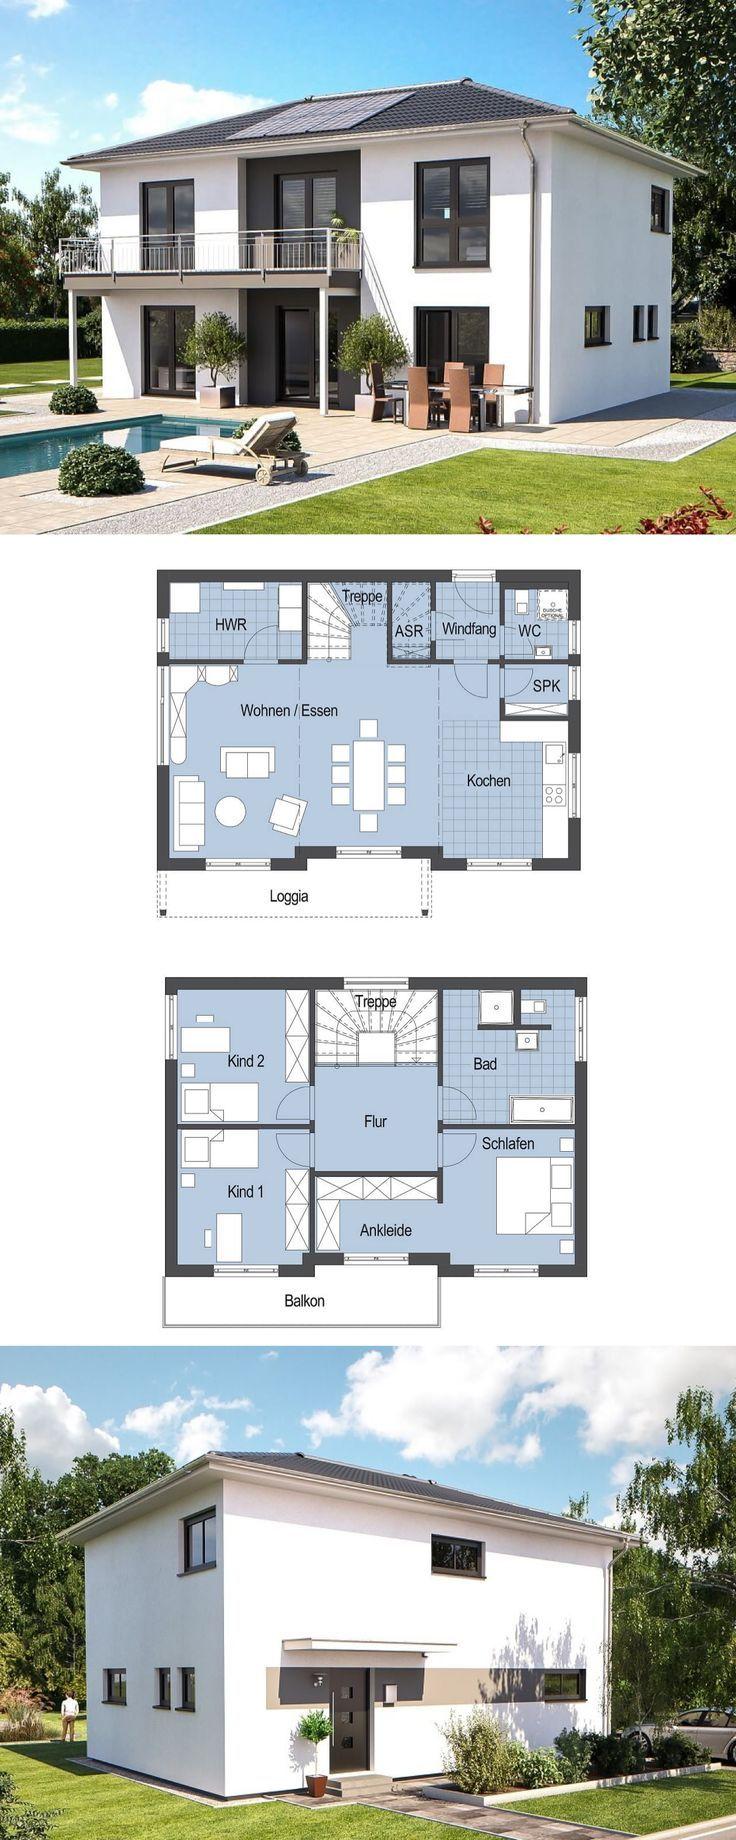 Moderne Stadtvilla – Einfamilienhaus Top Star S 149 Hanlo Haus – Fertighaus bauen moderne Architektur mit Walmdach Grundriss offene Küche Loggia Balkon – HausbauDirekt.de